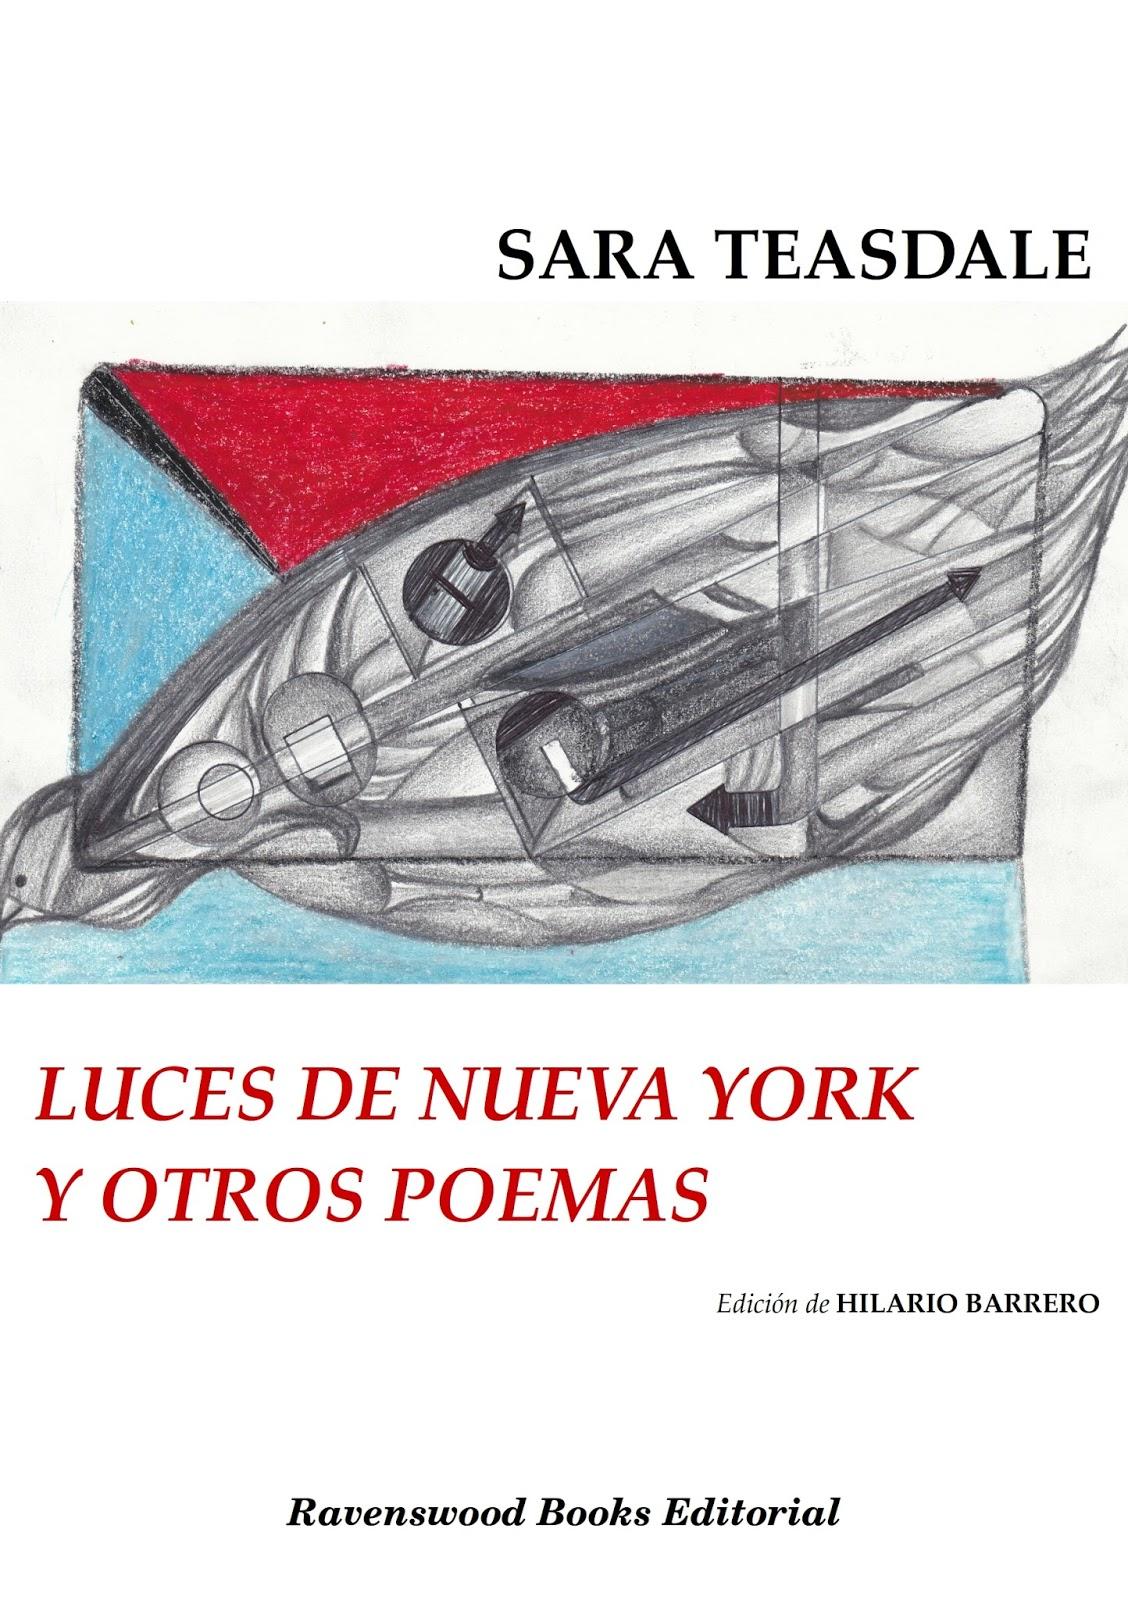 Luces de Nueva York y otros poemas